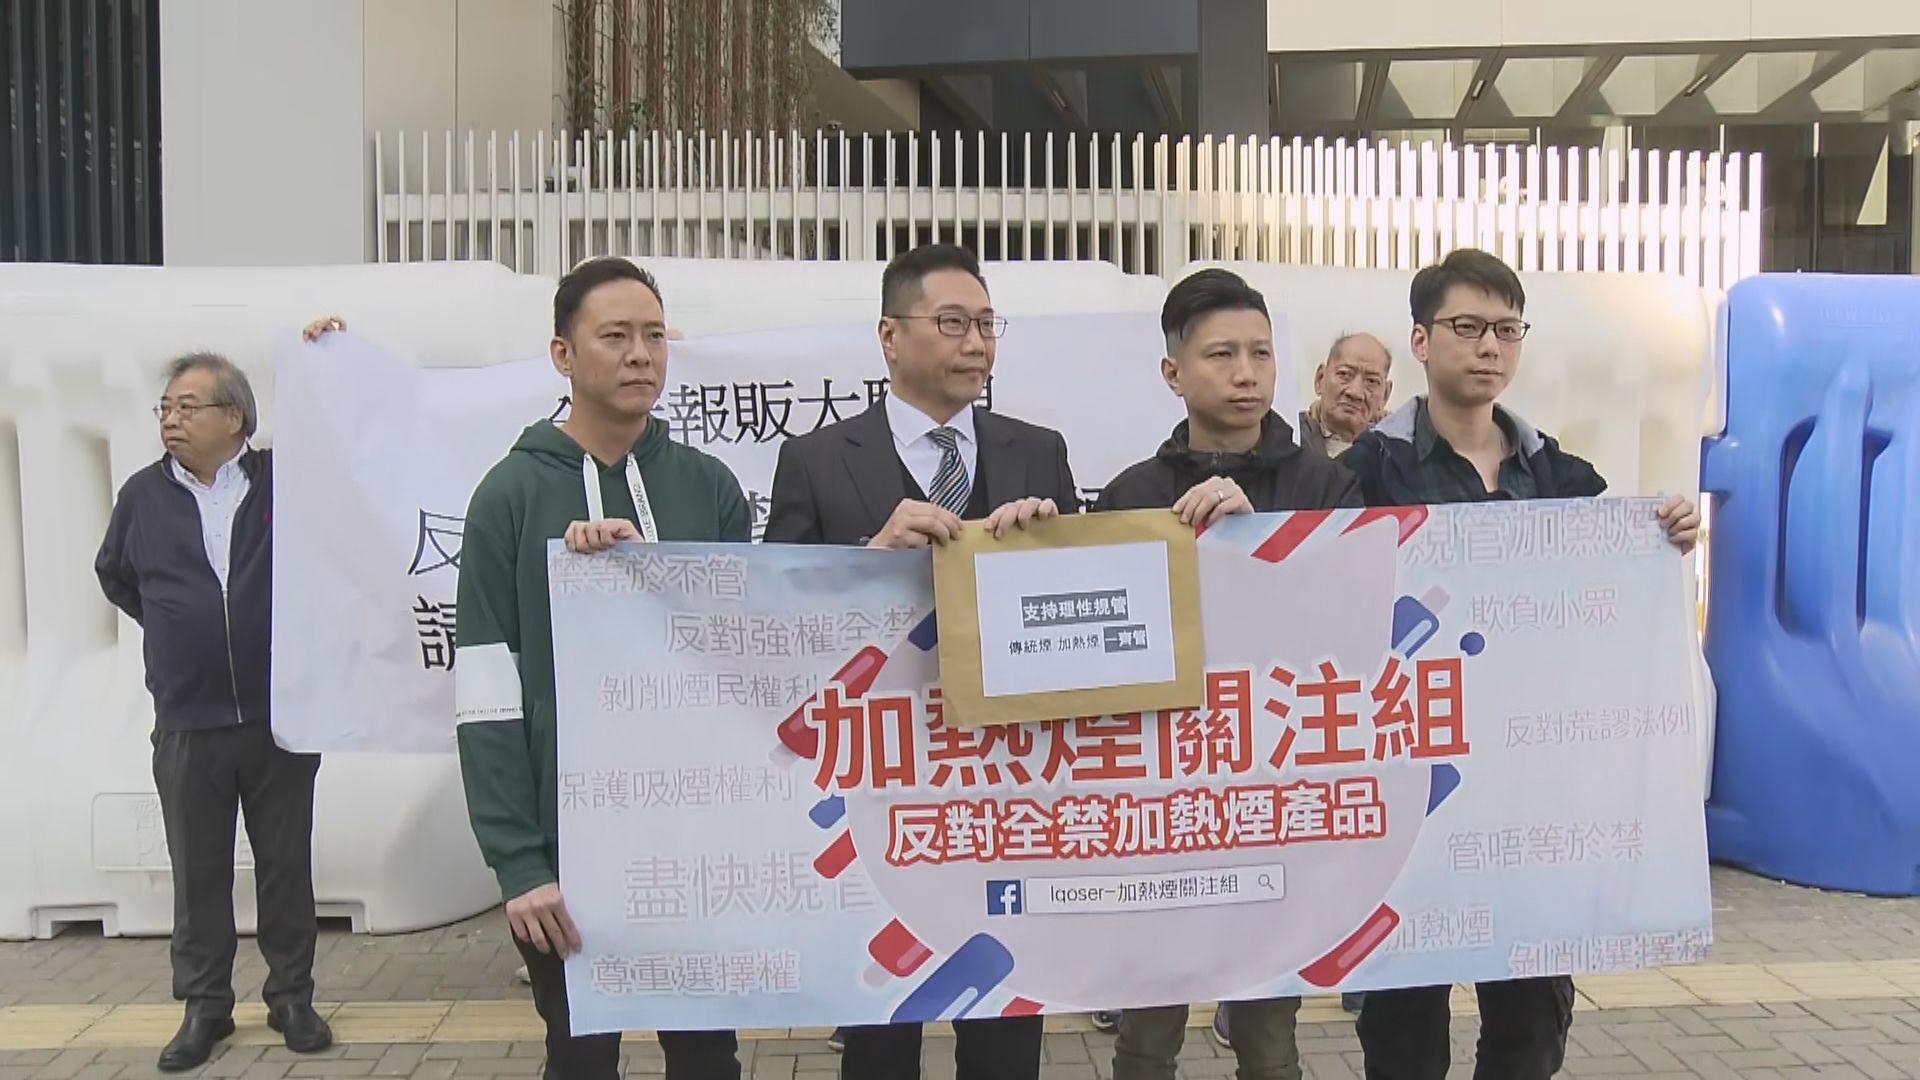 團體促議員反對全面禁售加熱煙